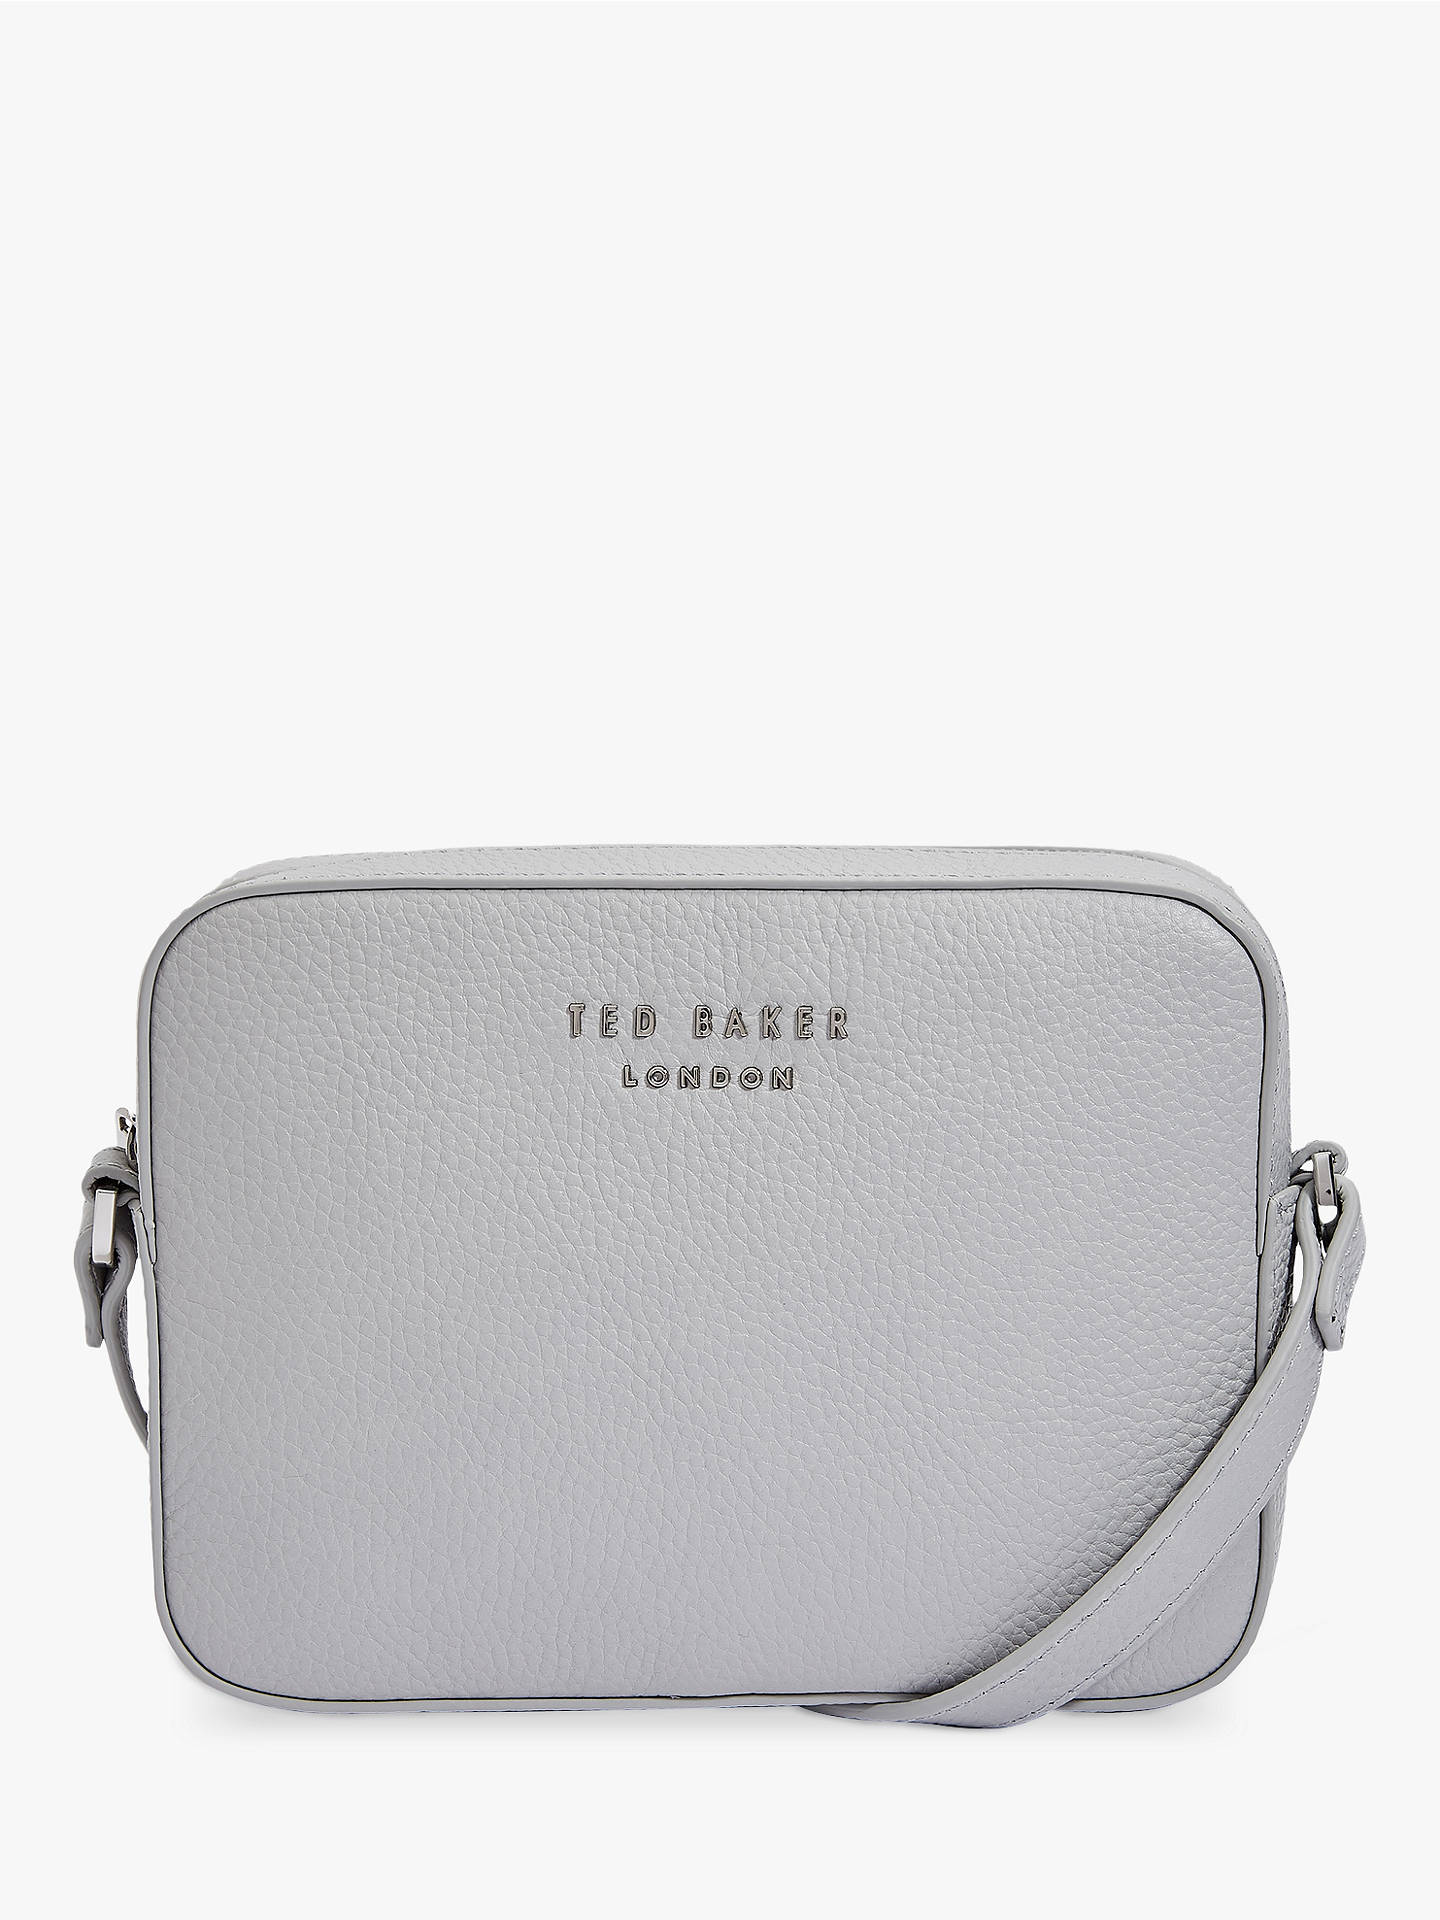 1add65da7 Ted Baker Debbi Leather Camera Bag at John Lewis   Partners